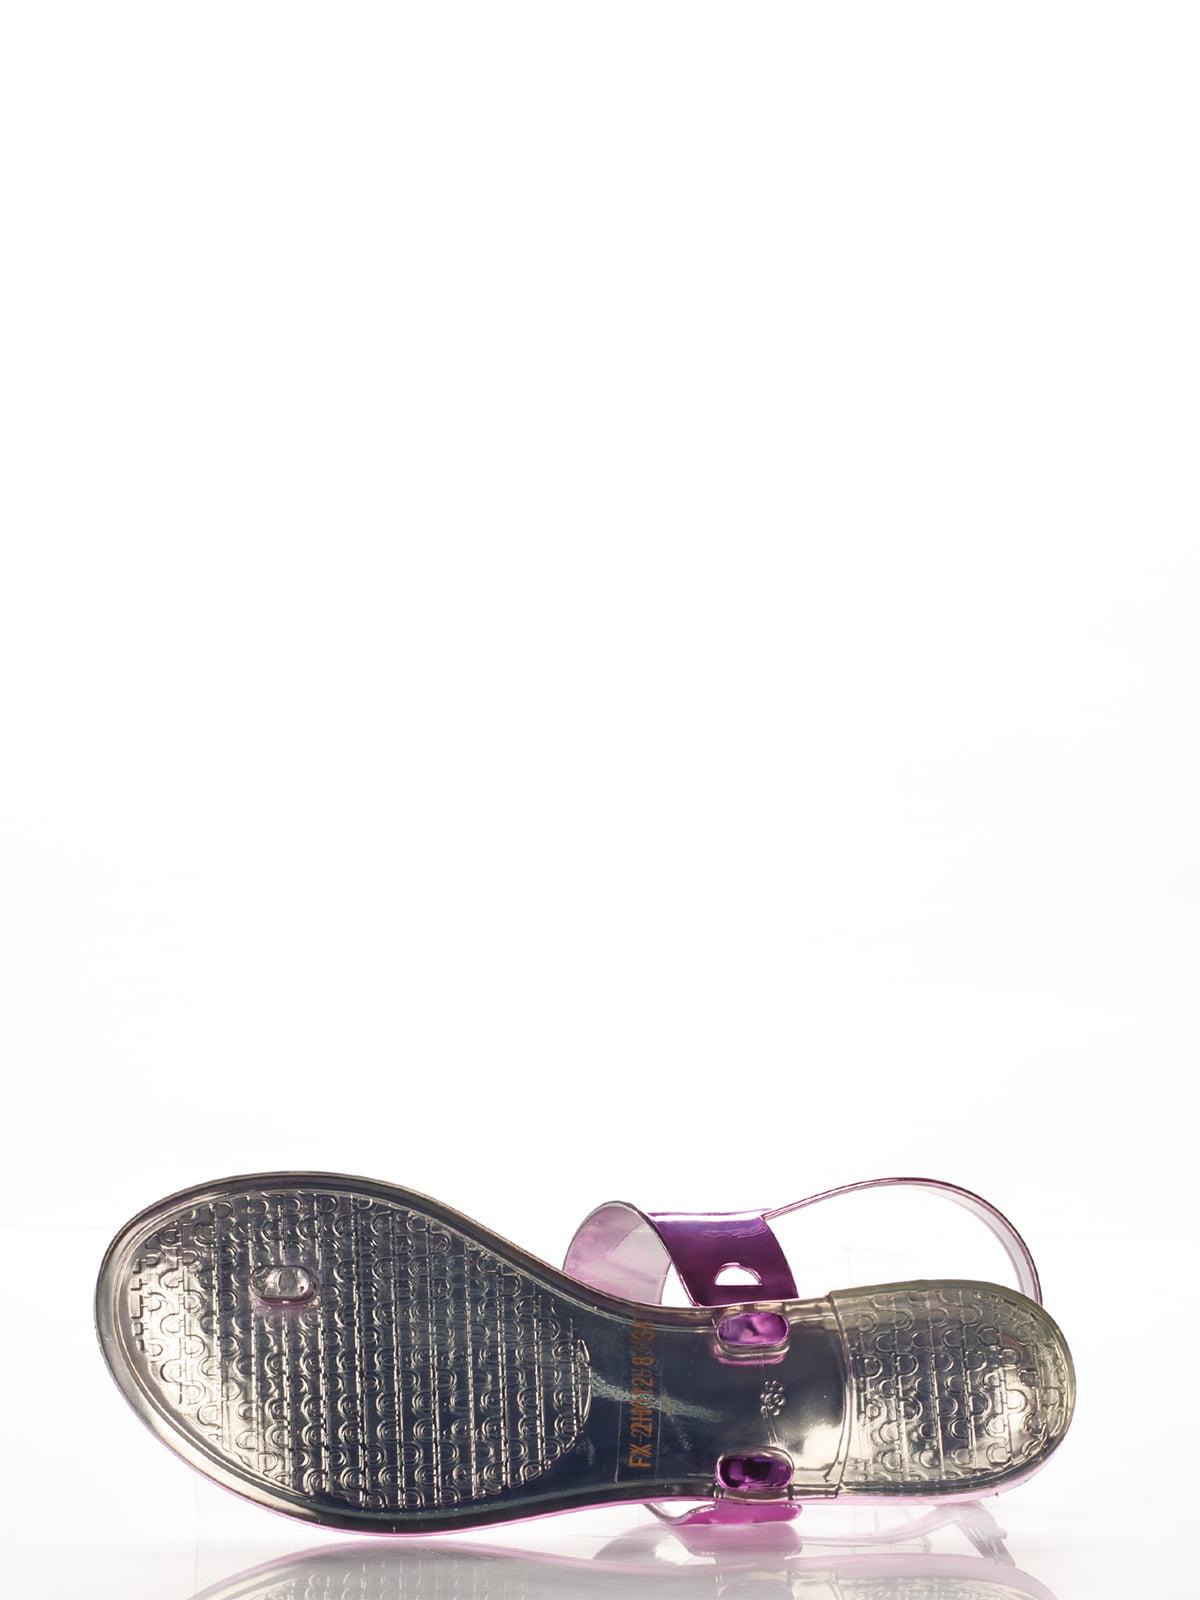 Сандалии-вьетнамки фиолетовые | 2561602 | фото 5